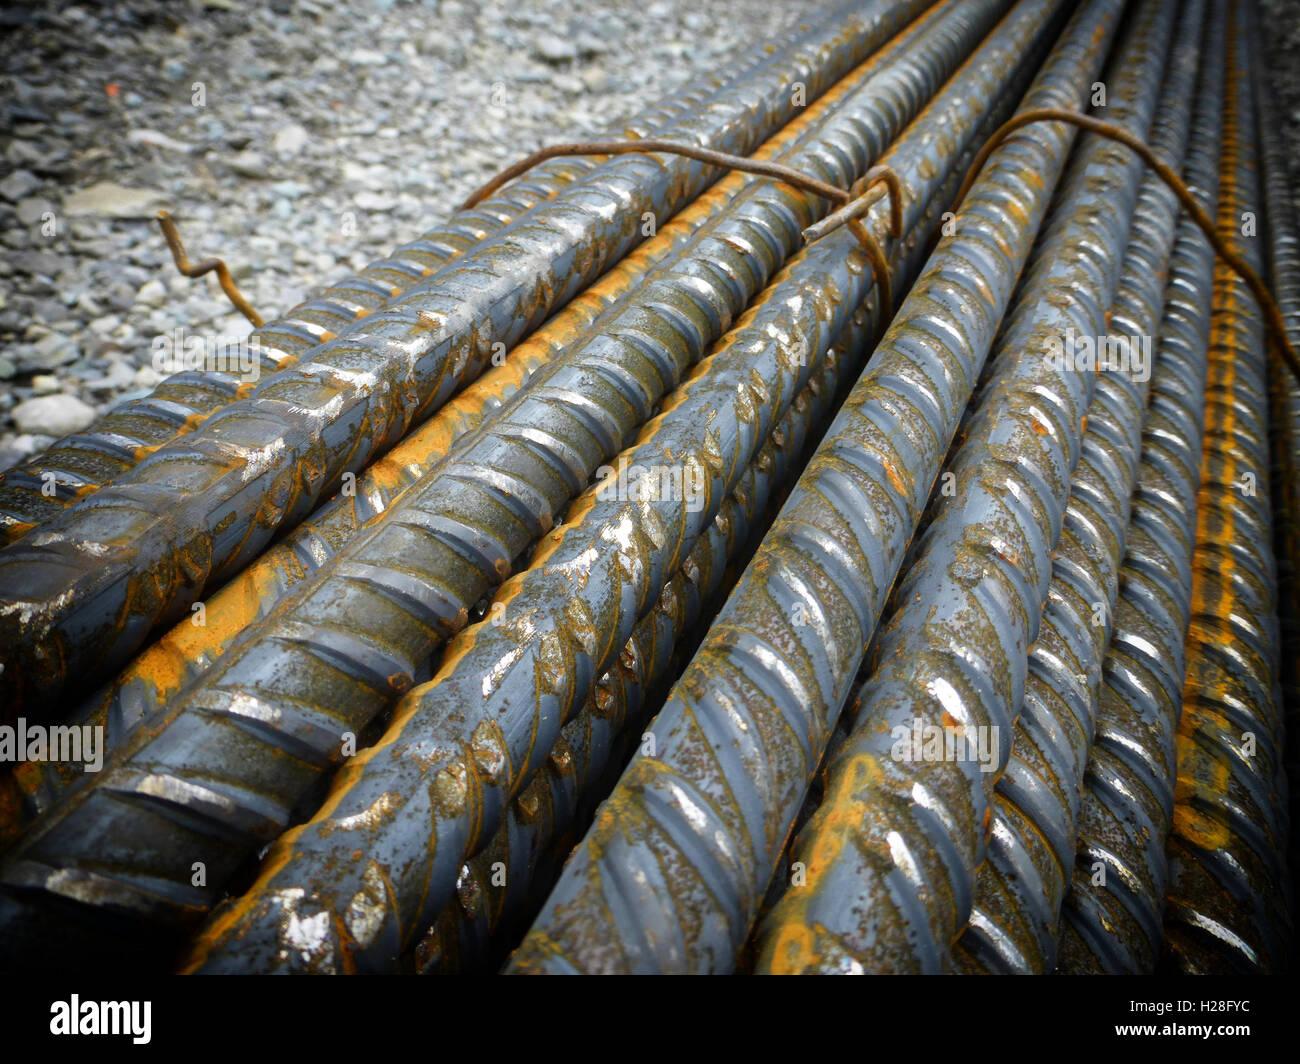 Prezzo Del Ferro Per Edilizia i tondini di ferro per cemento armato foto stock - alamy